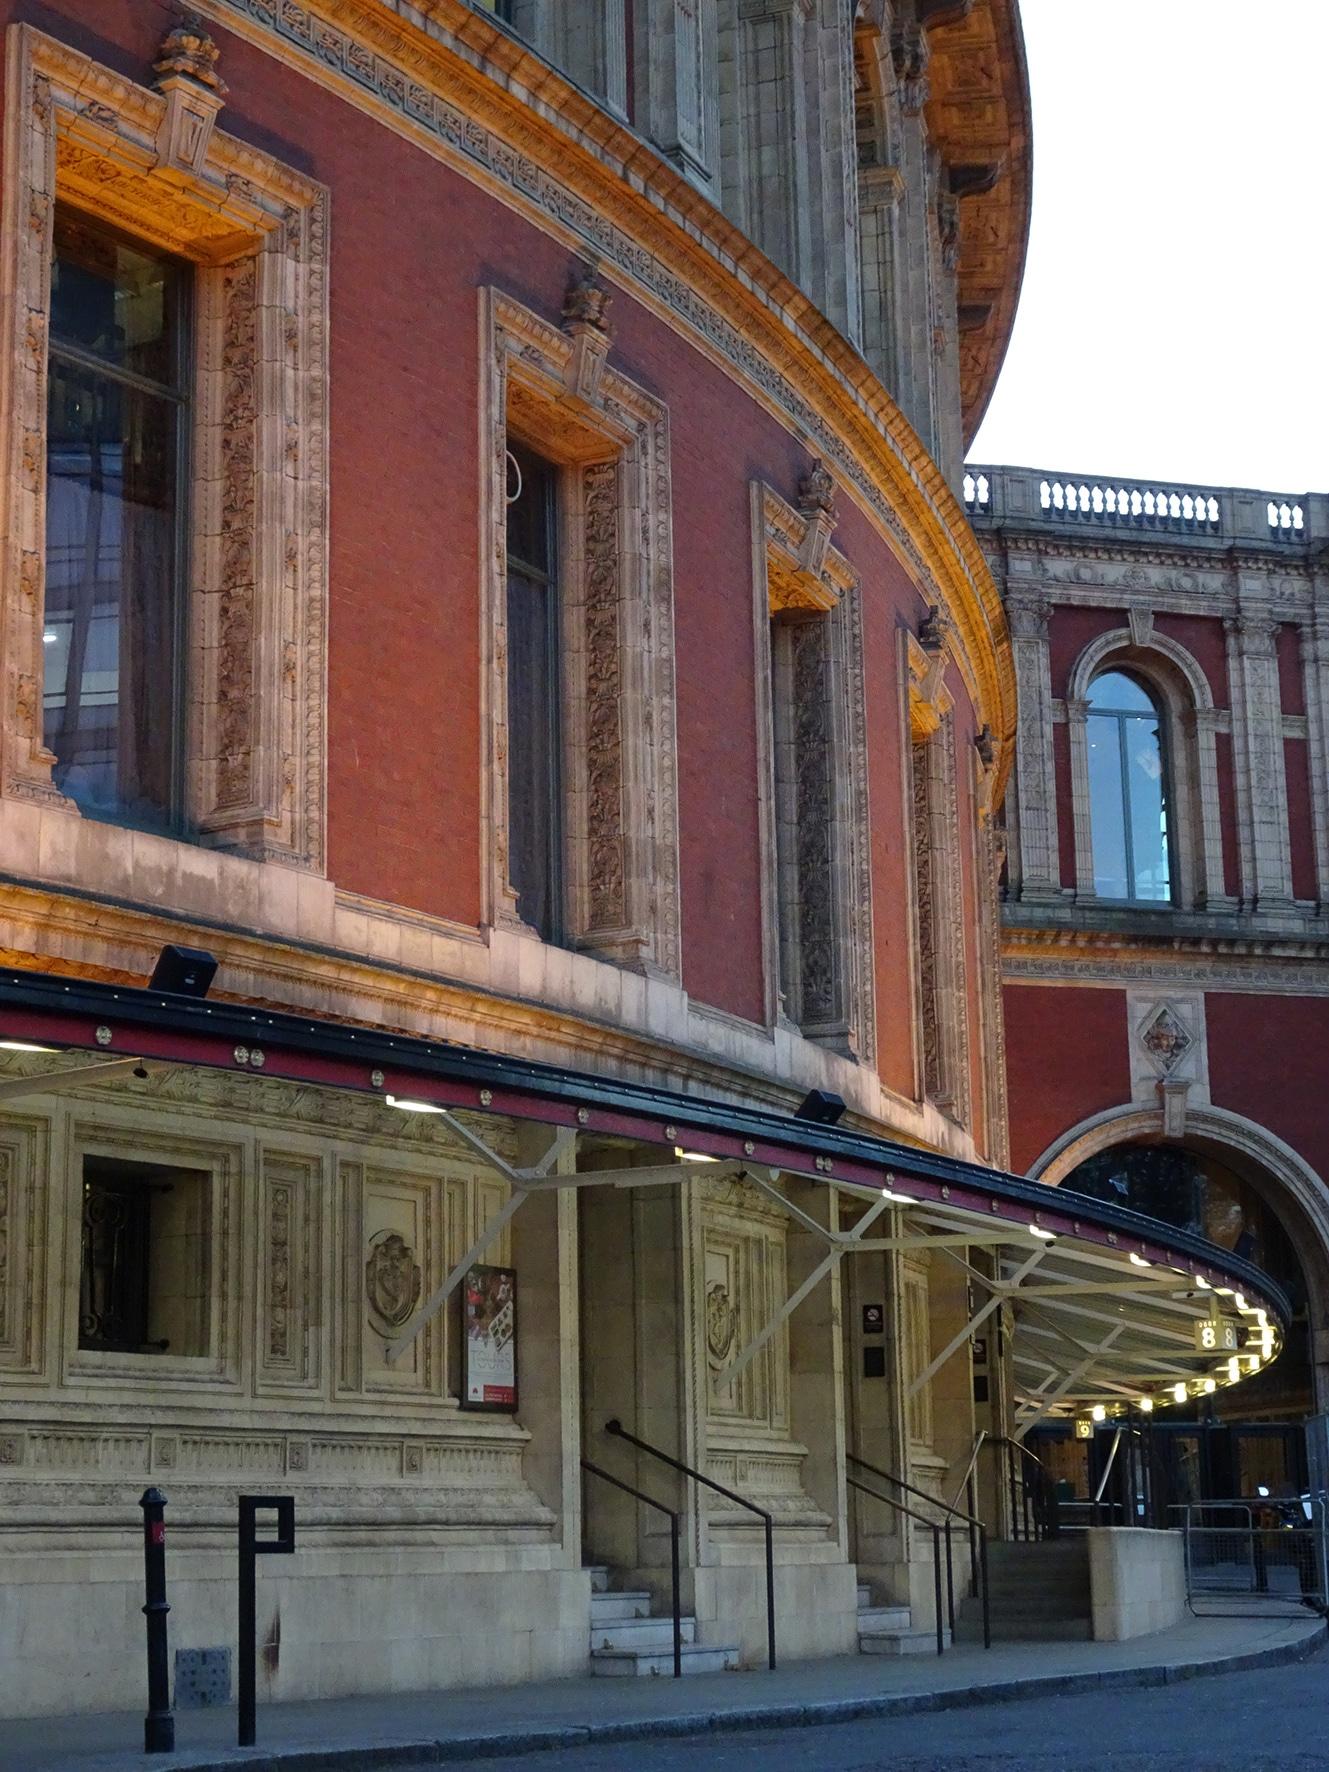 Royal Albert Hall Facade